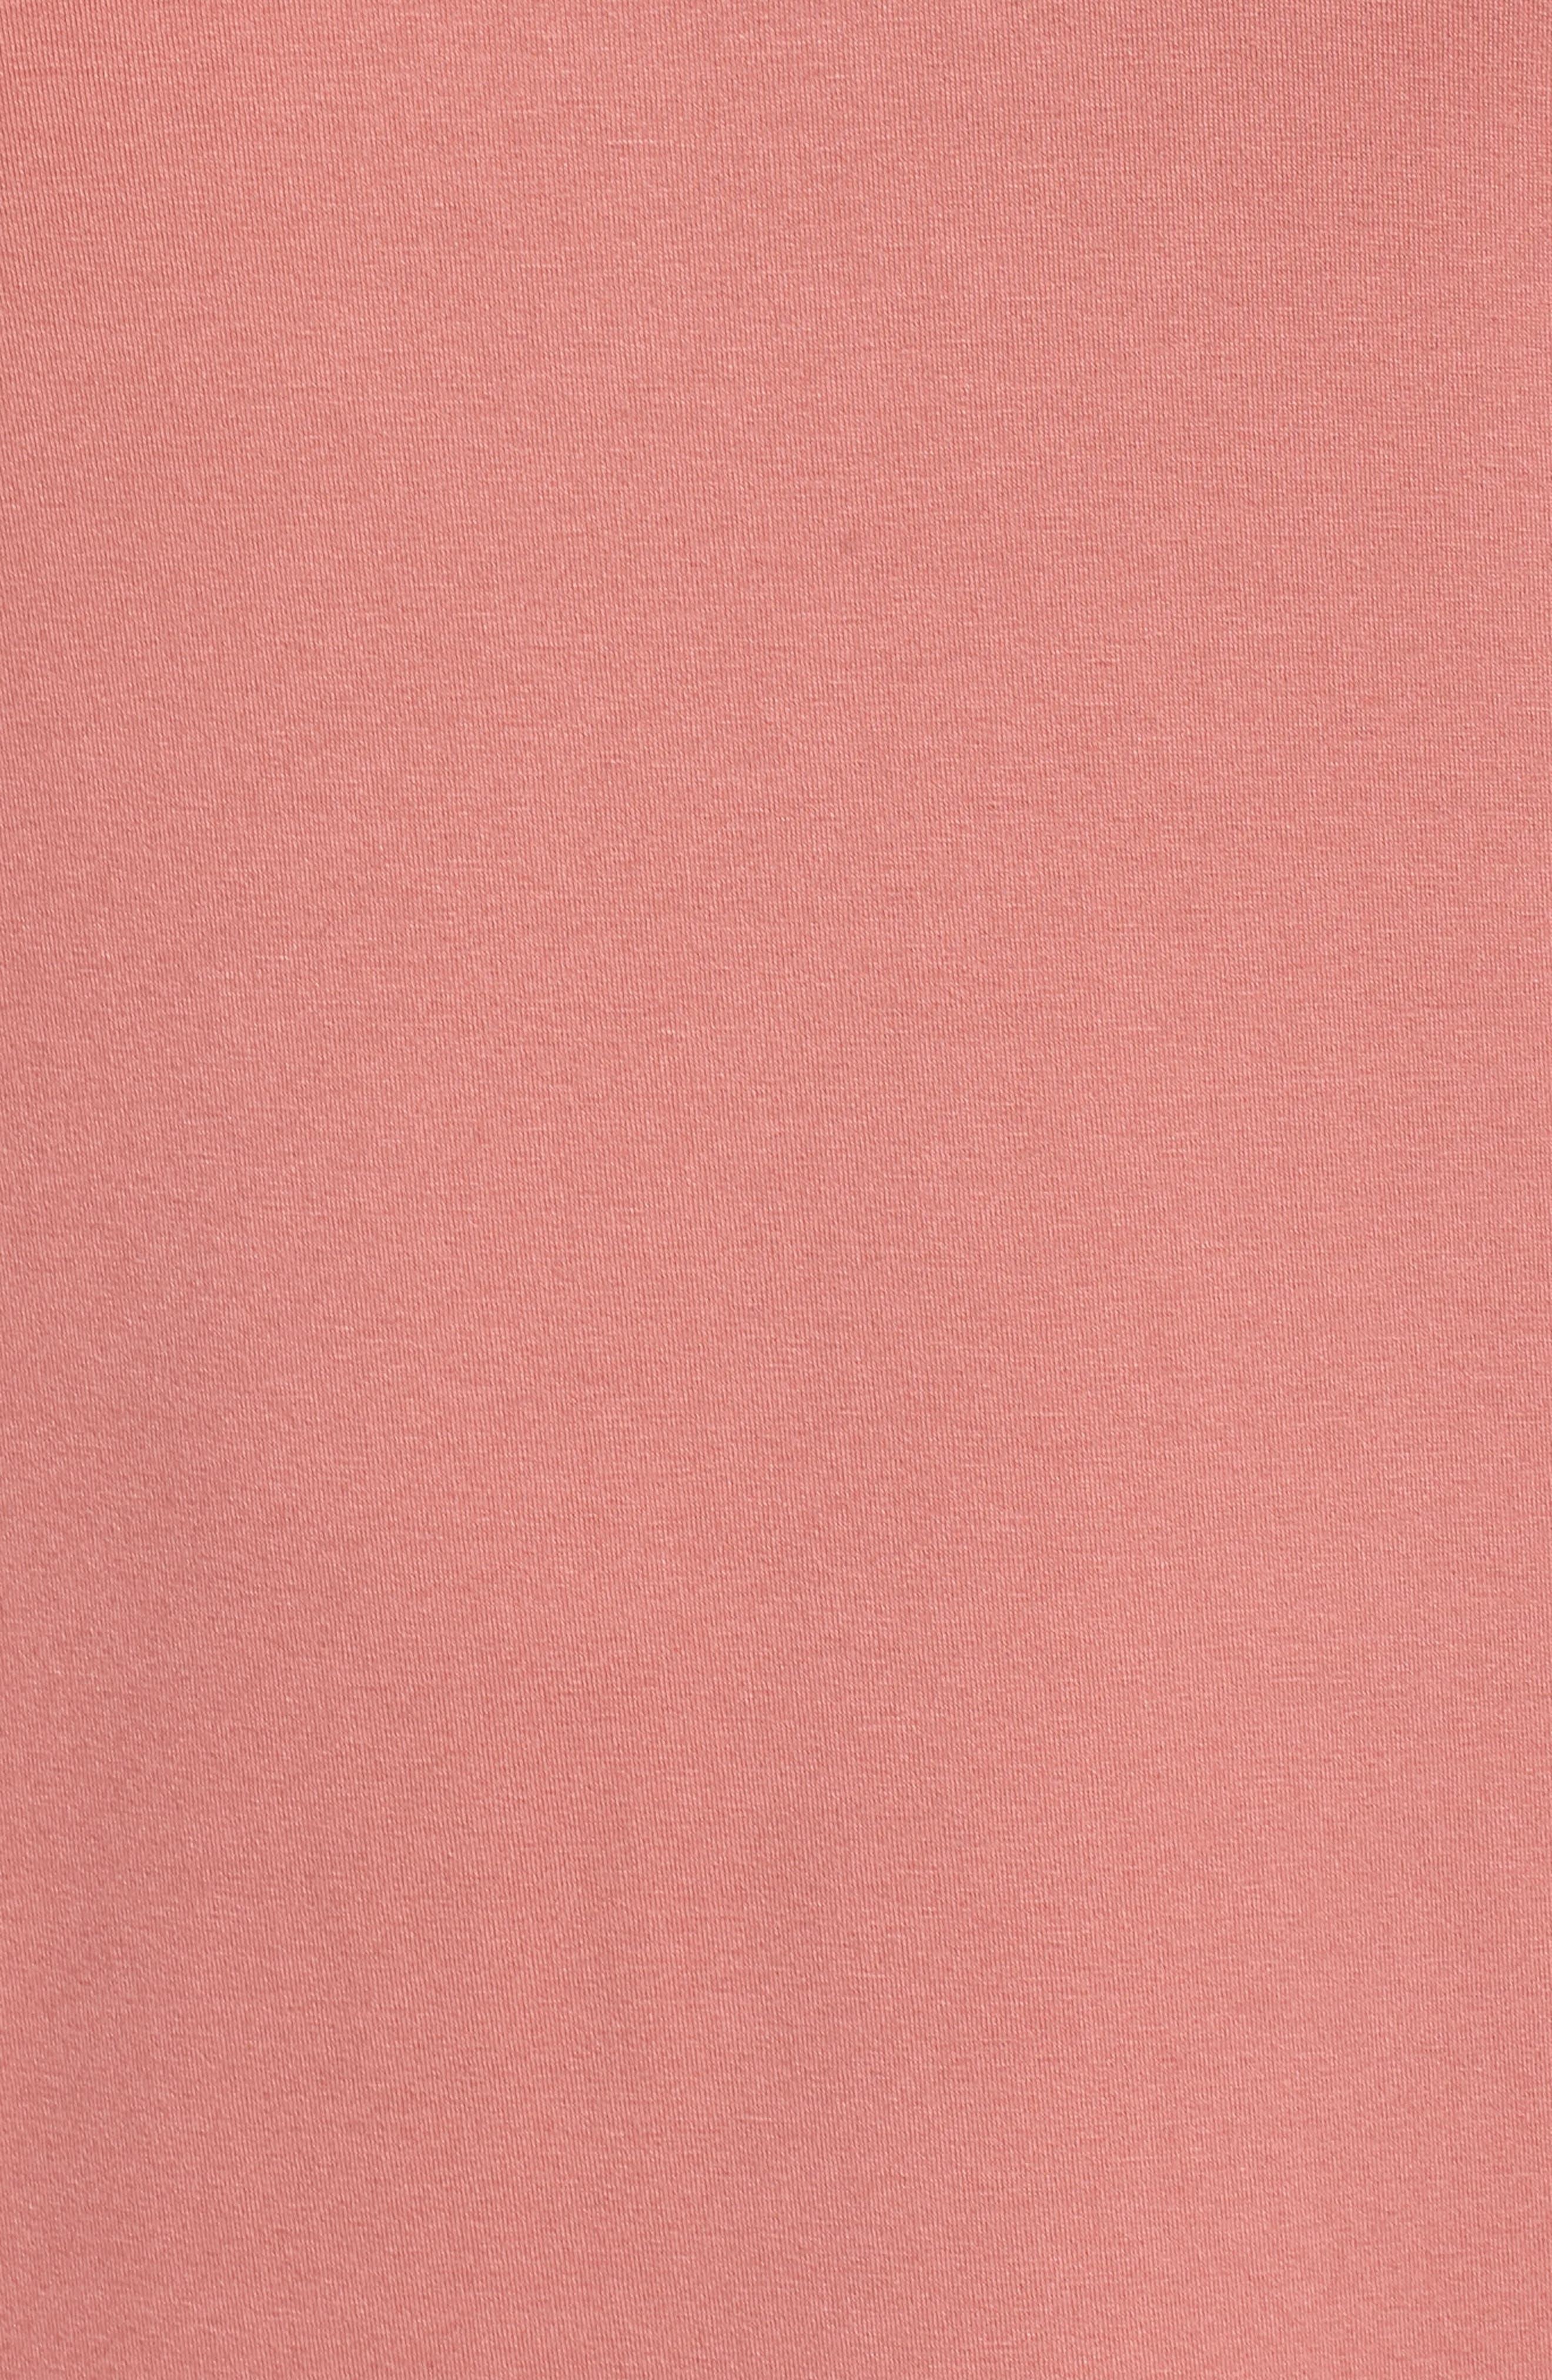 Lace-Up Shoulder T-Shirt Dress,                             Alternate thumbnail 6, color,                             Claret Shadow